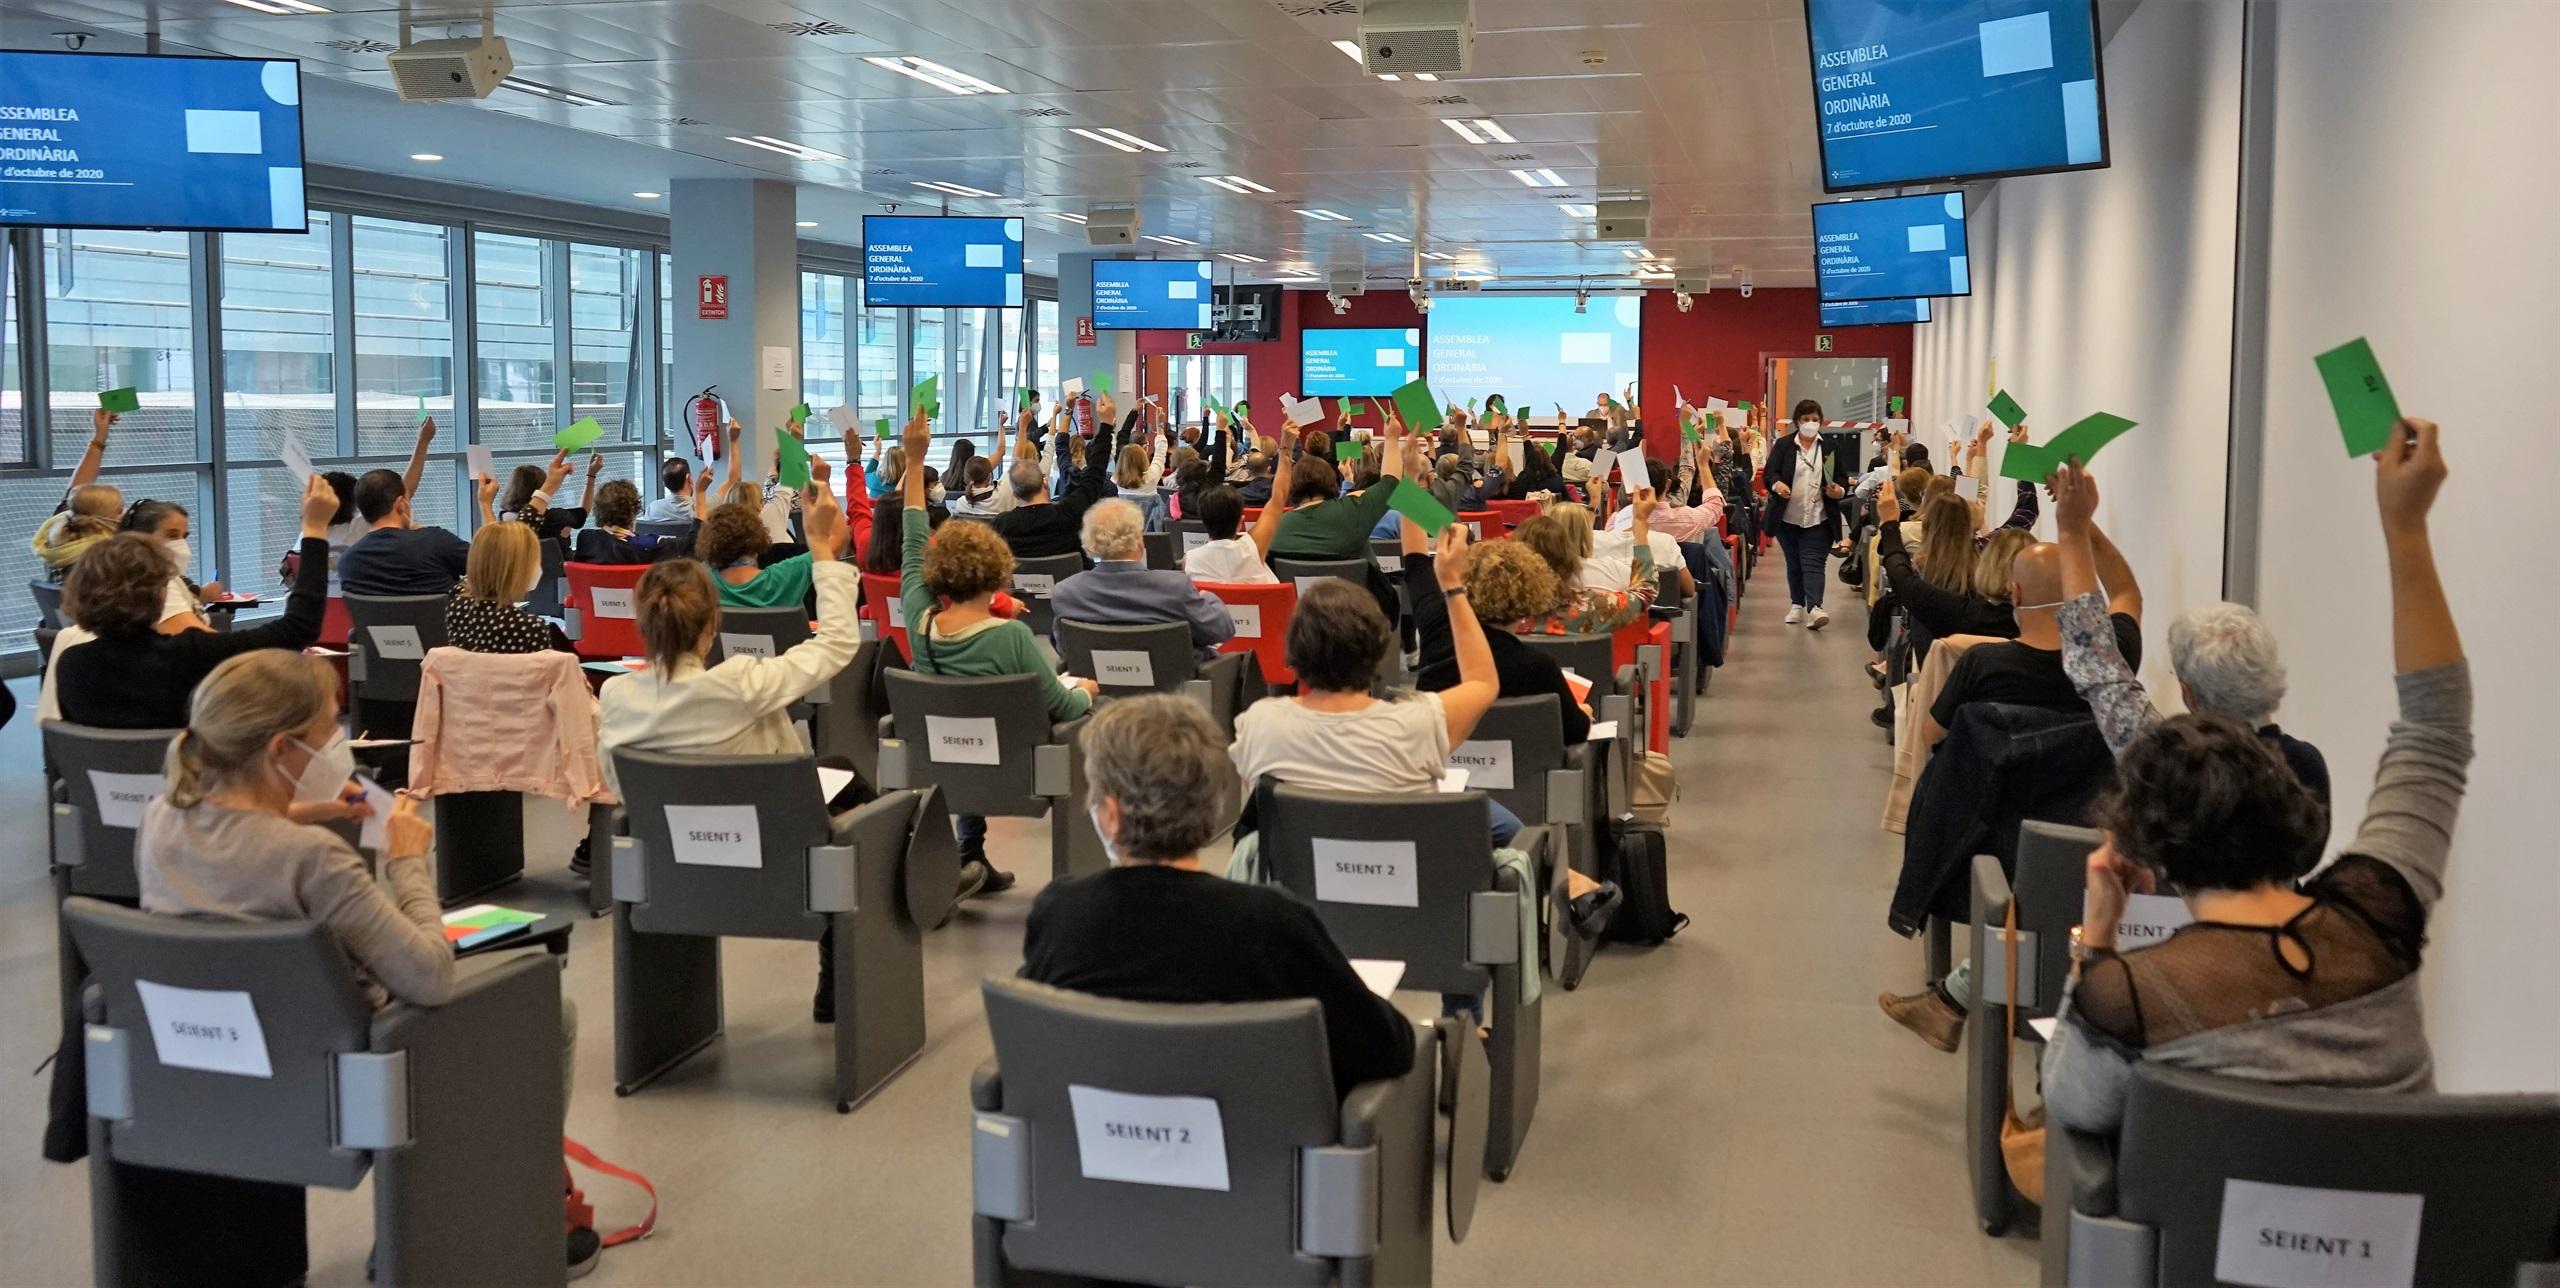 L'assemblea del COIB aprova els pressupostos del 2020 i la memòria i el tancament econòmic del 2019